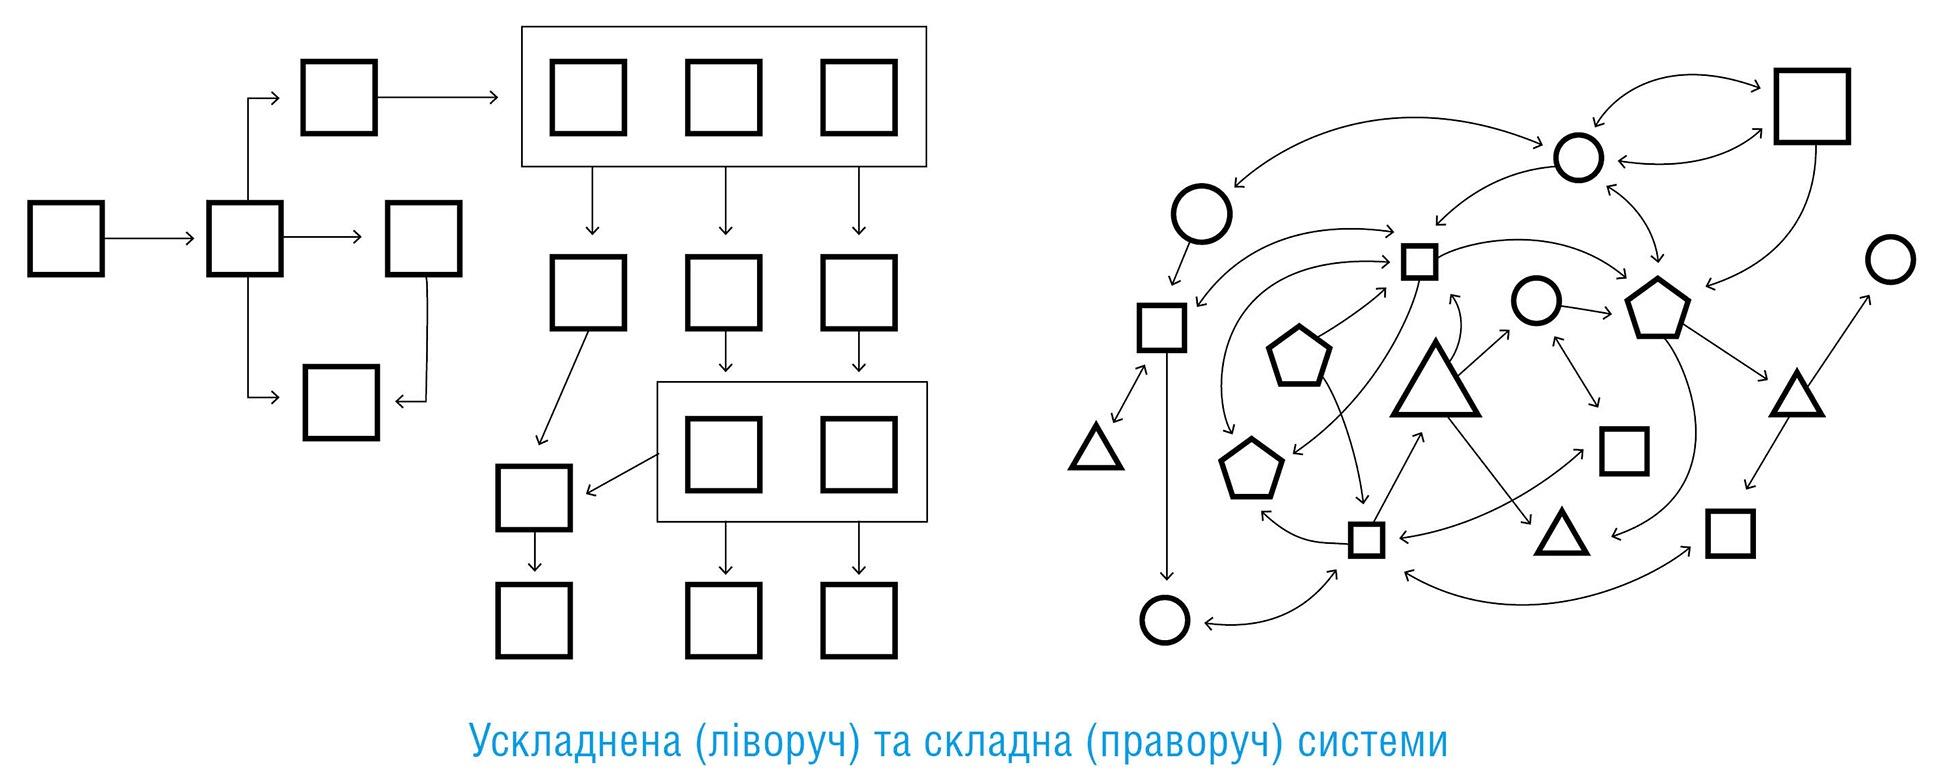 Команда команд: правила взаємодії у складному світі, автор Кріс Фасселл | Kyivstar Business Hub, зображення №4